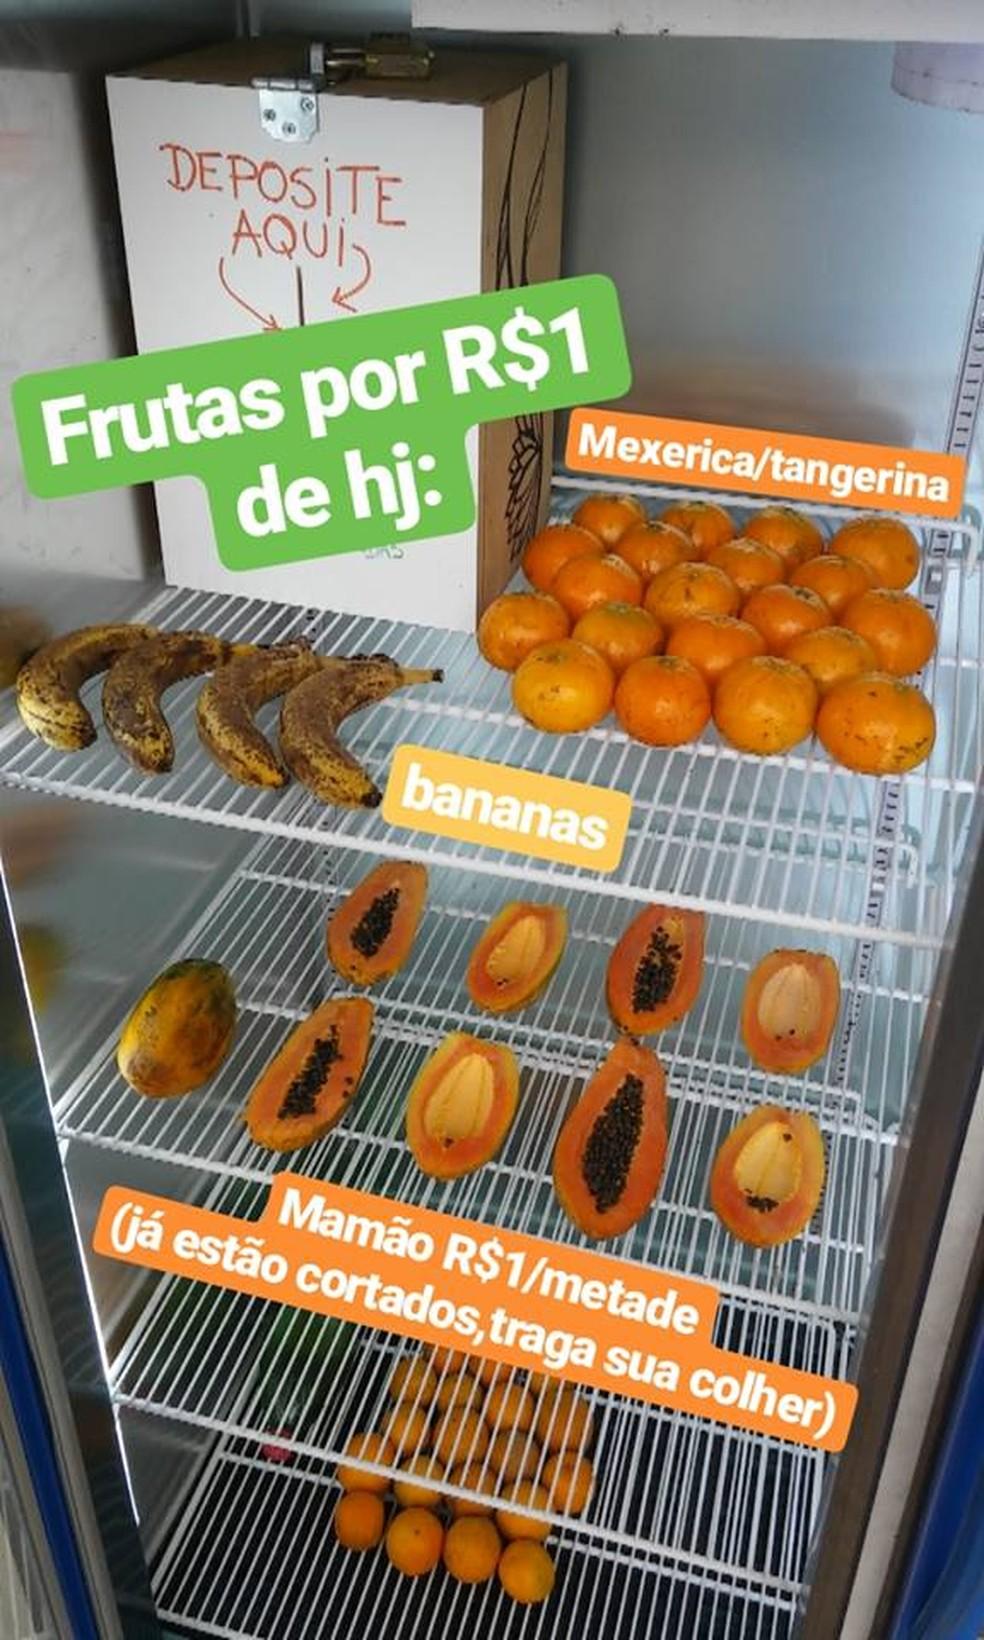 A geladeira que fica no campus da Unesp em Bauru tem os produtos etiquetados com o valor e a caixa, onde o dinheiro deve ser depositado  — Foto: Arquivo Pessoal